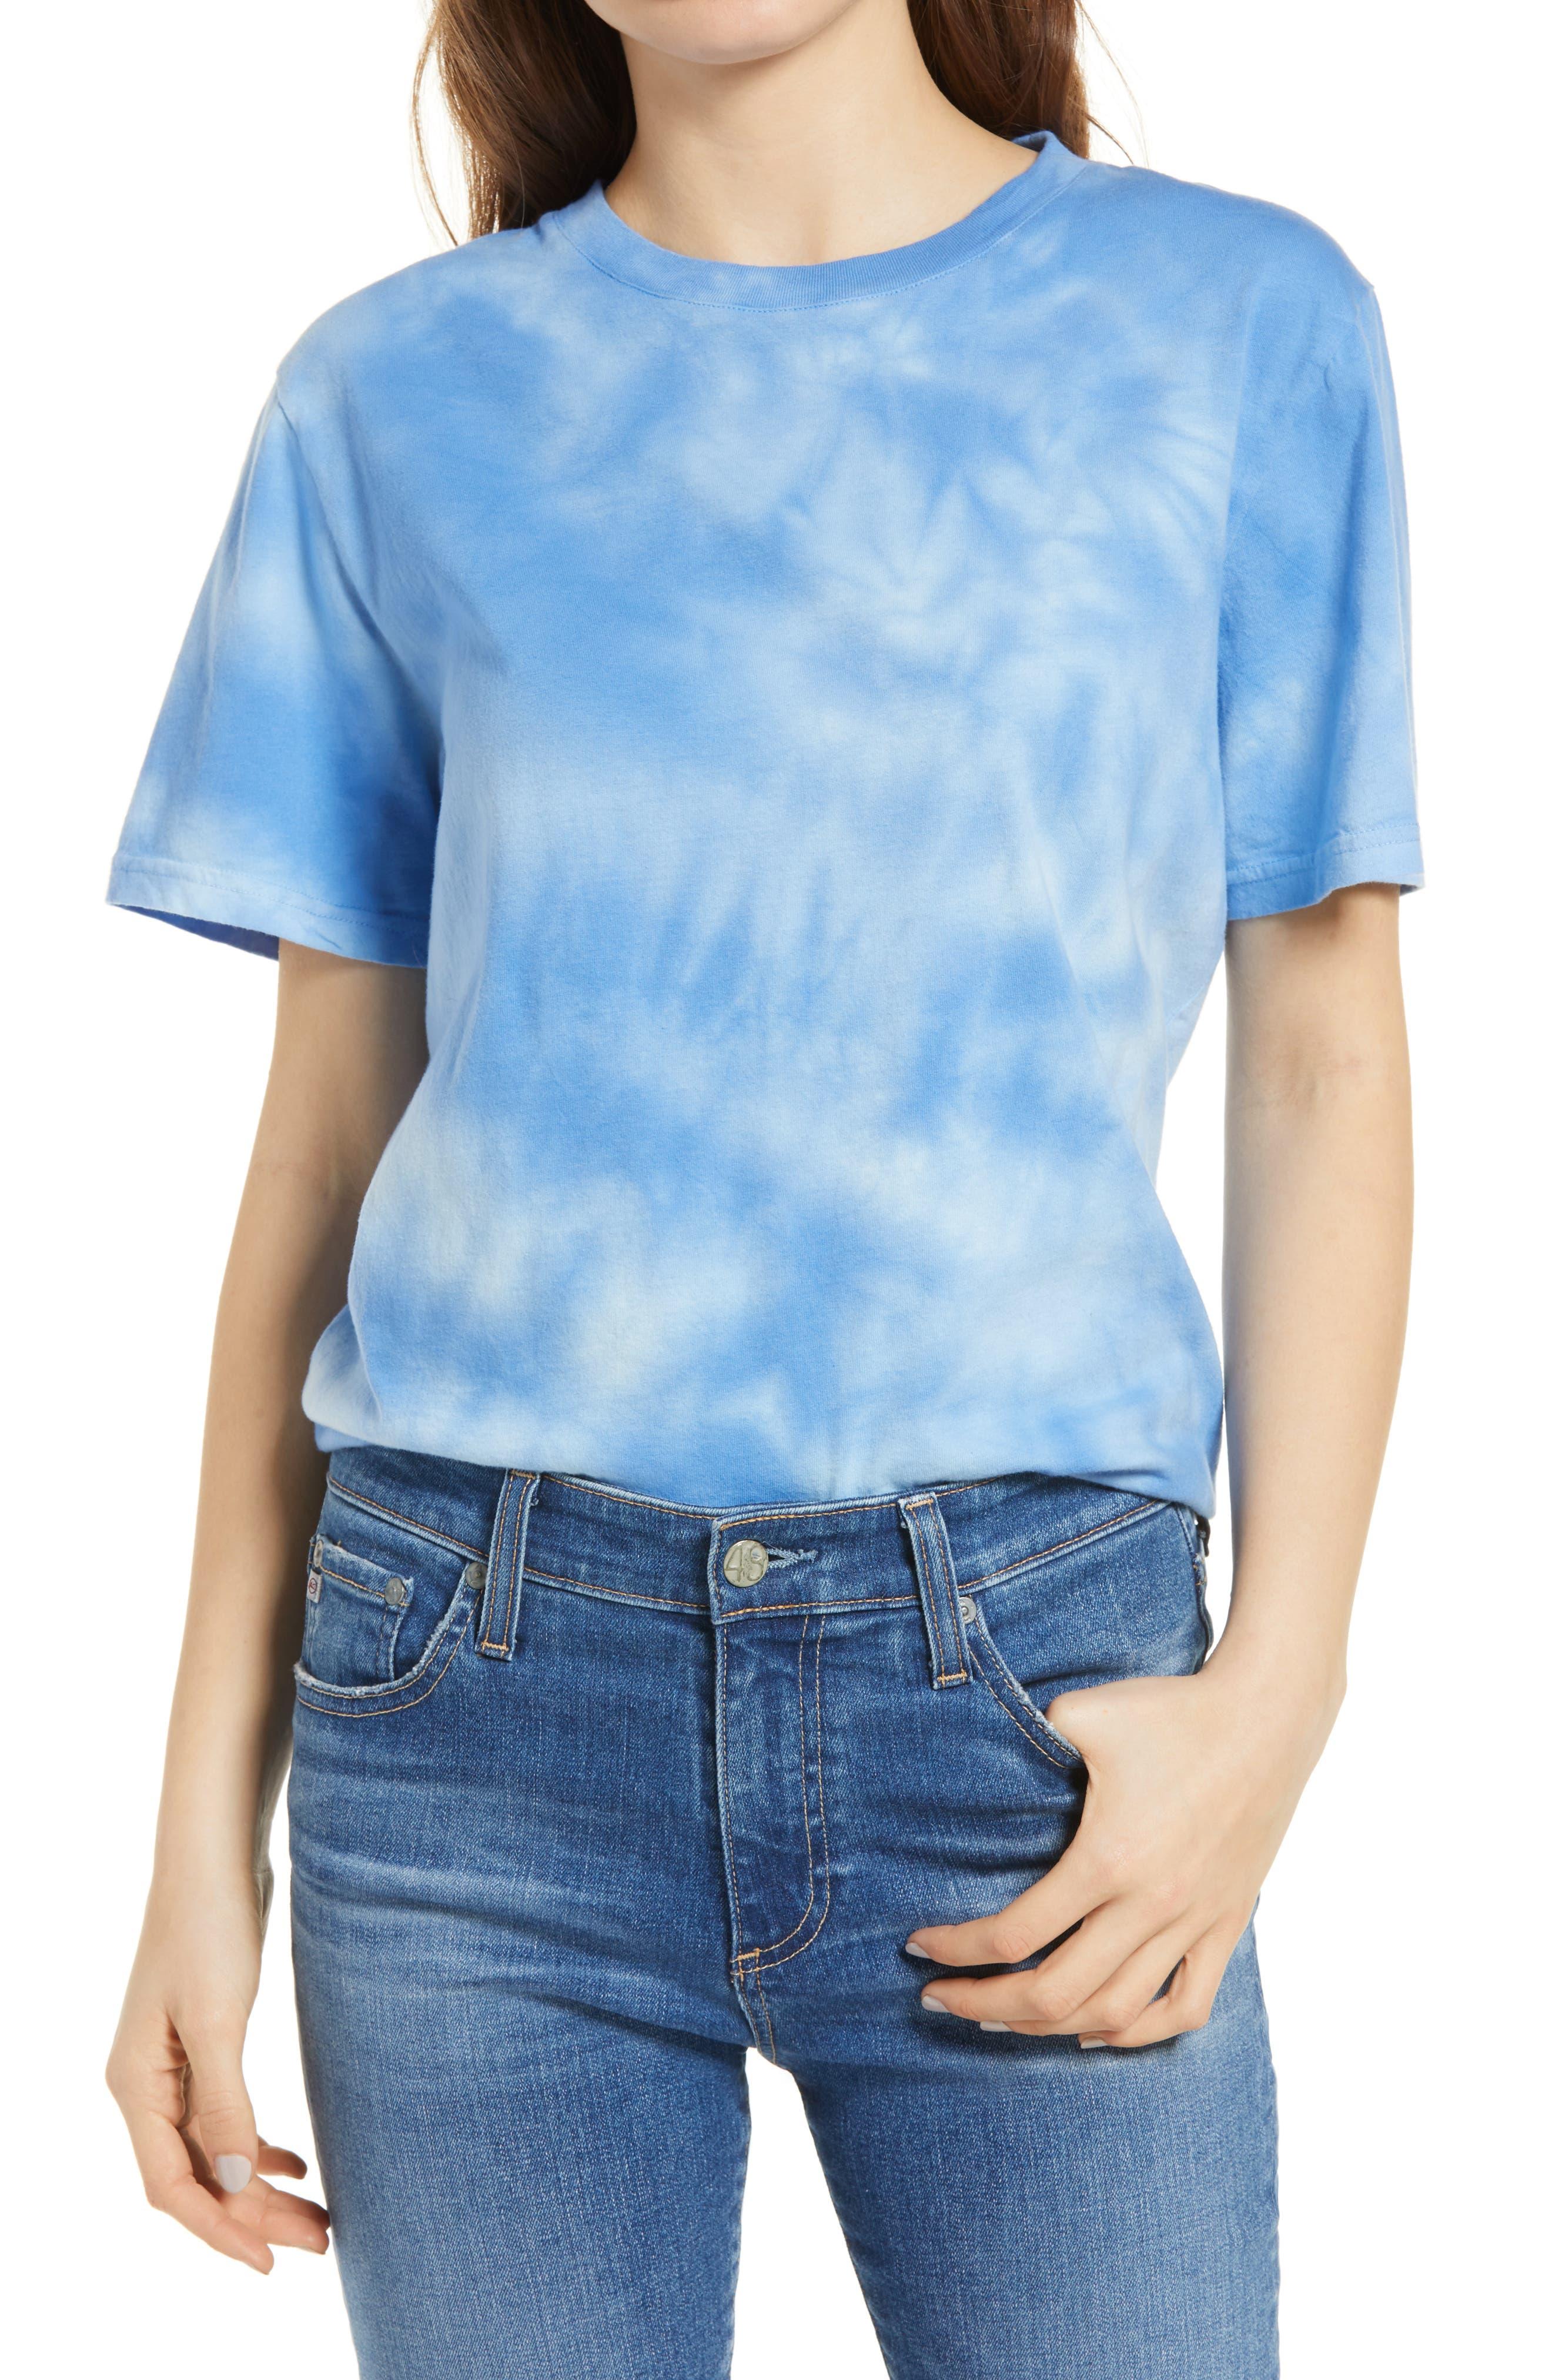 Tie Dye Organic Cotton T-Shirt